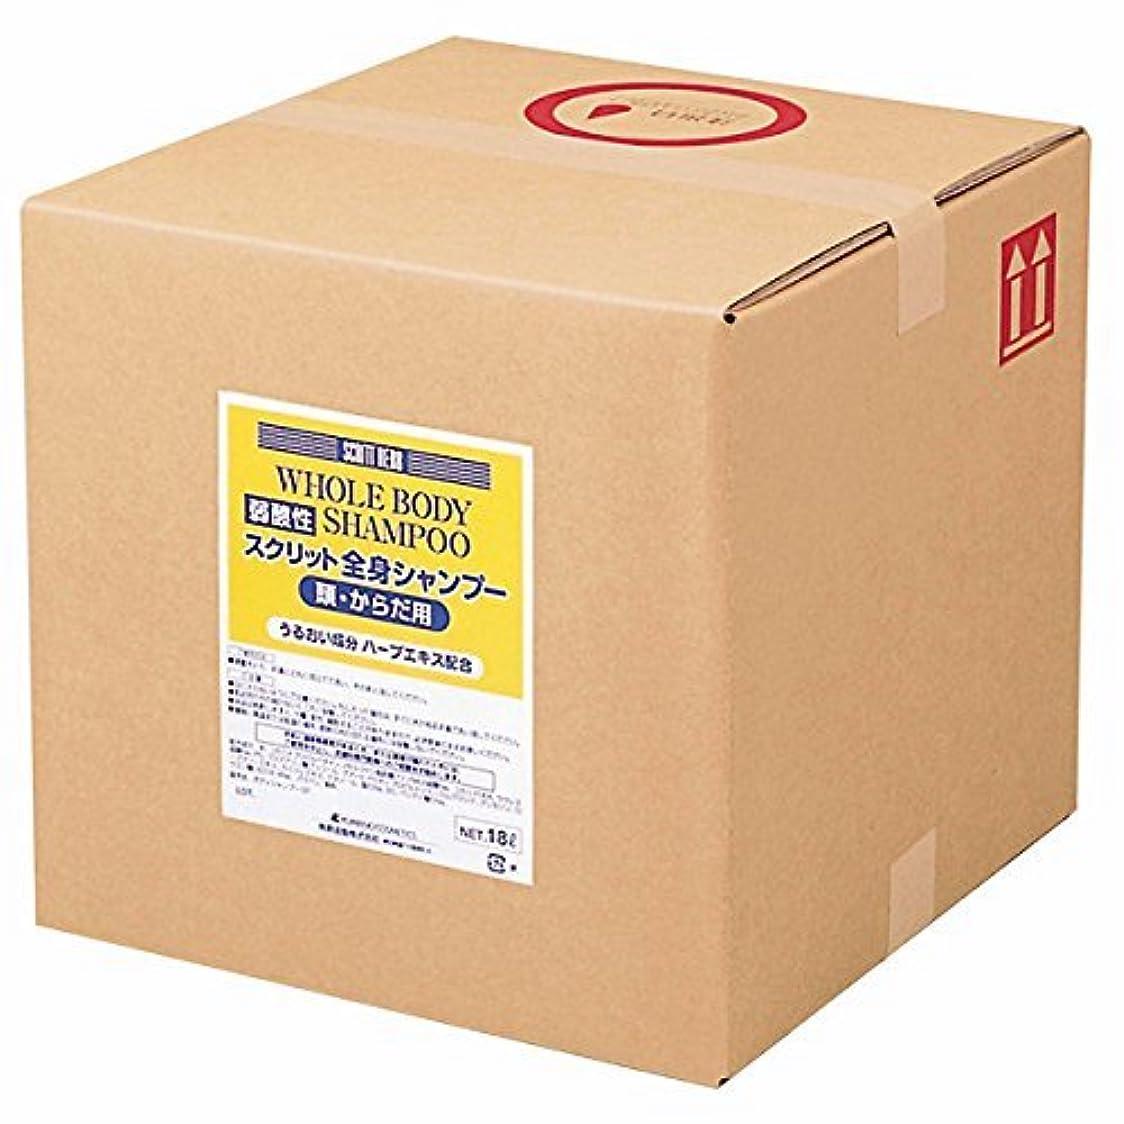 登る保安合図熊野油脂 業務用 SCRITT(スクリット) 全身シャンプー 18L